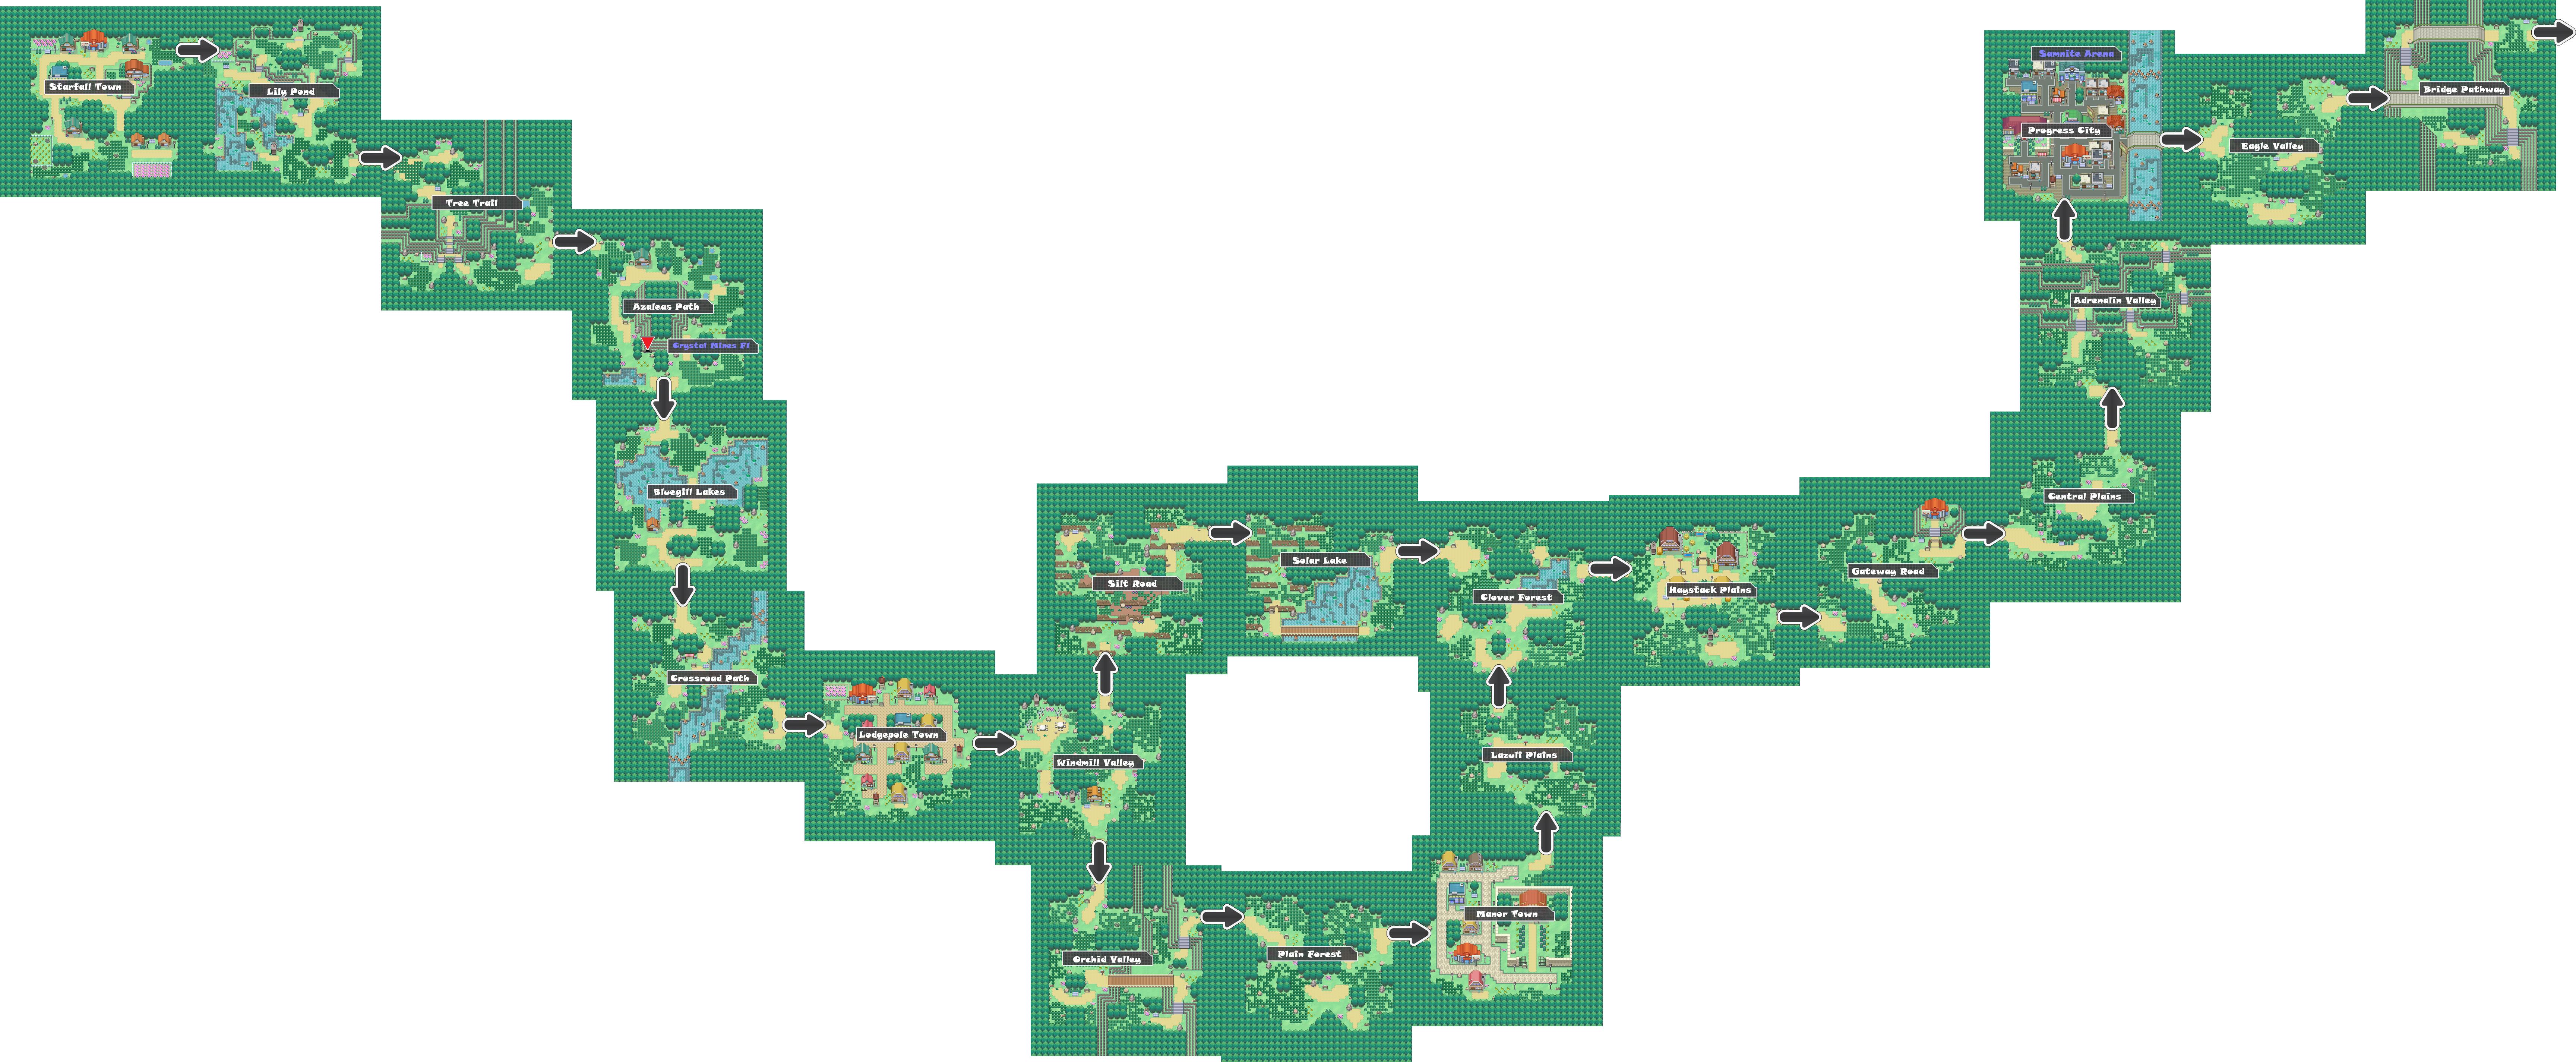 Pokemon Like Monster Mmorpg V2 Zone 1 World Map By